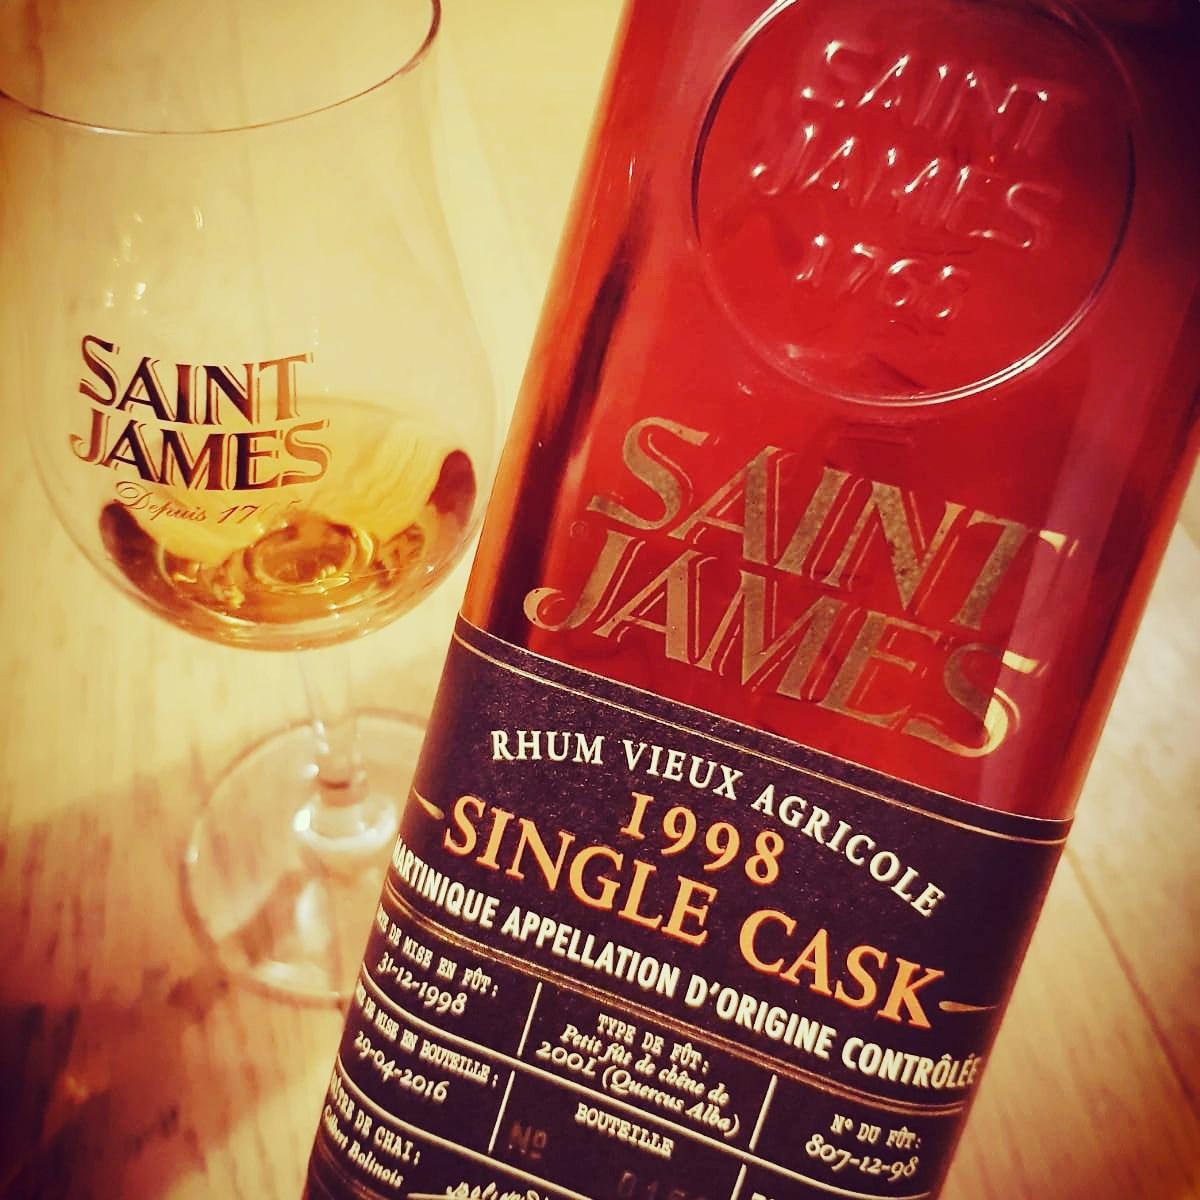 Dégustation Saint James, partie 1 : 1998